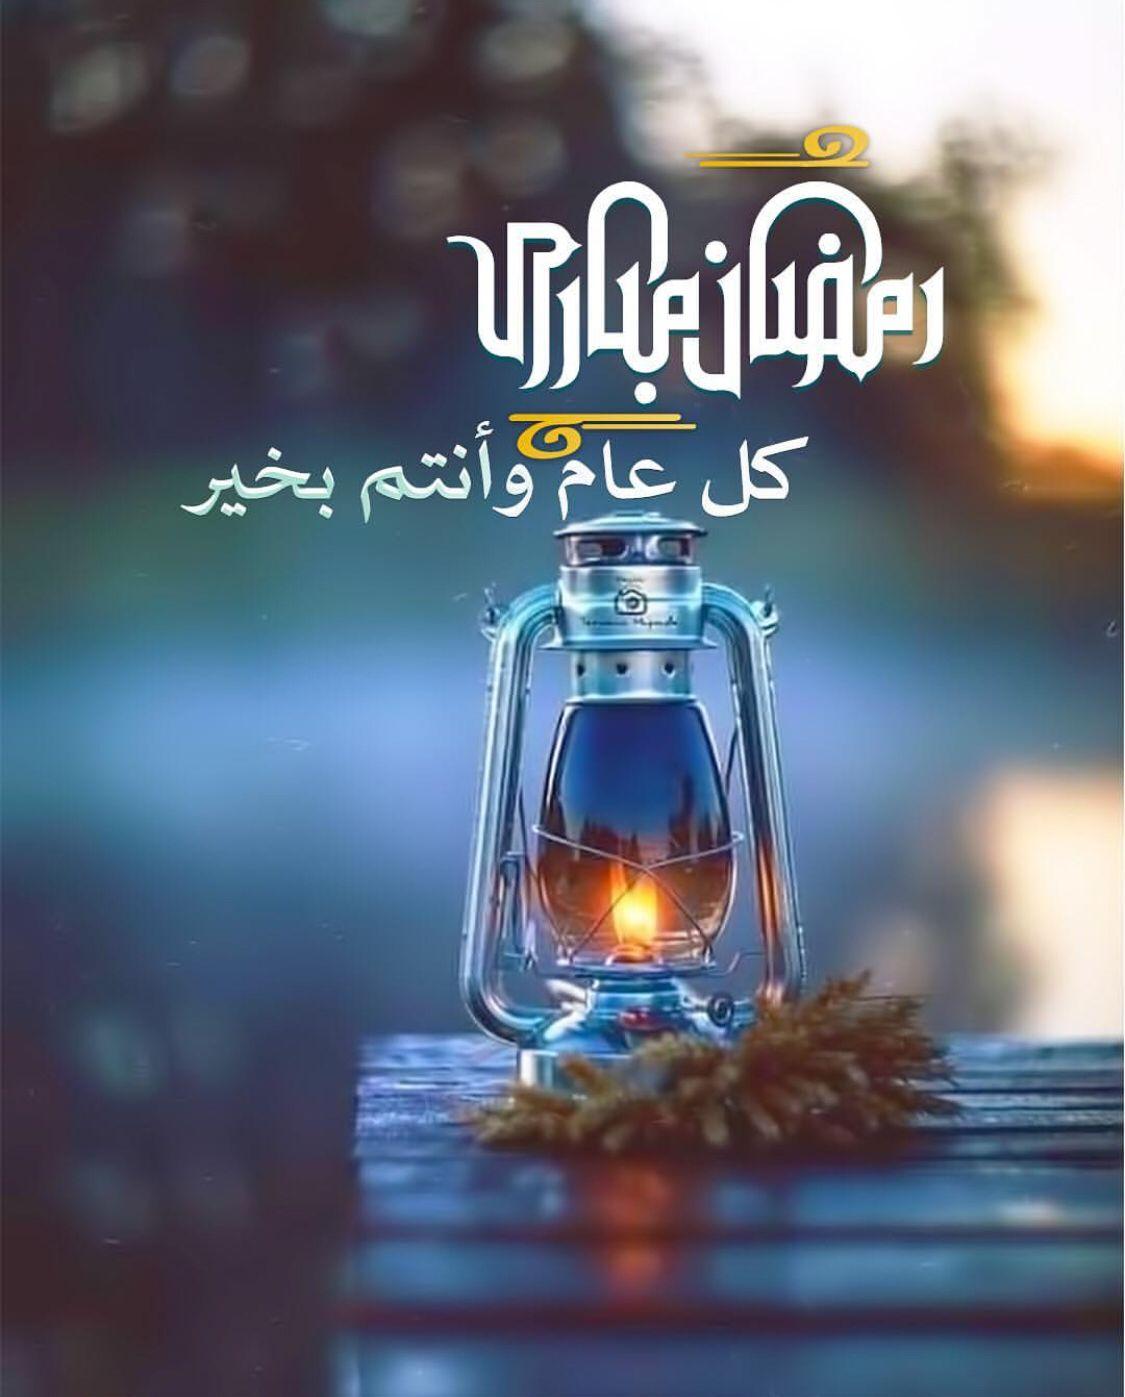 Pin By صورة و كلمة On رمضان كريم Ramadan Kareem Ramadan Cards Islamic Phrases Ramadan